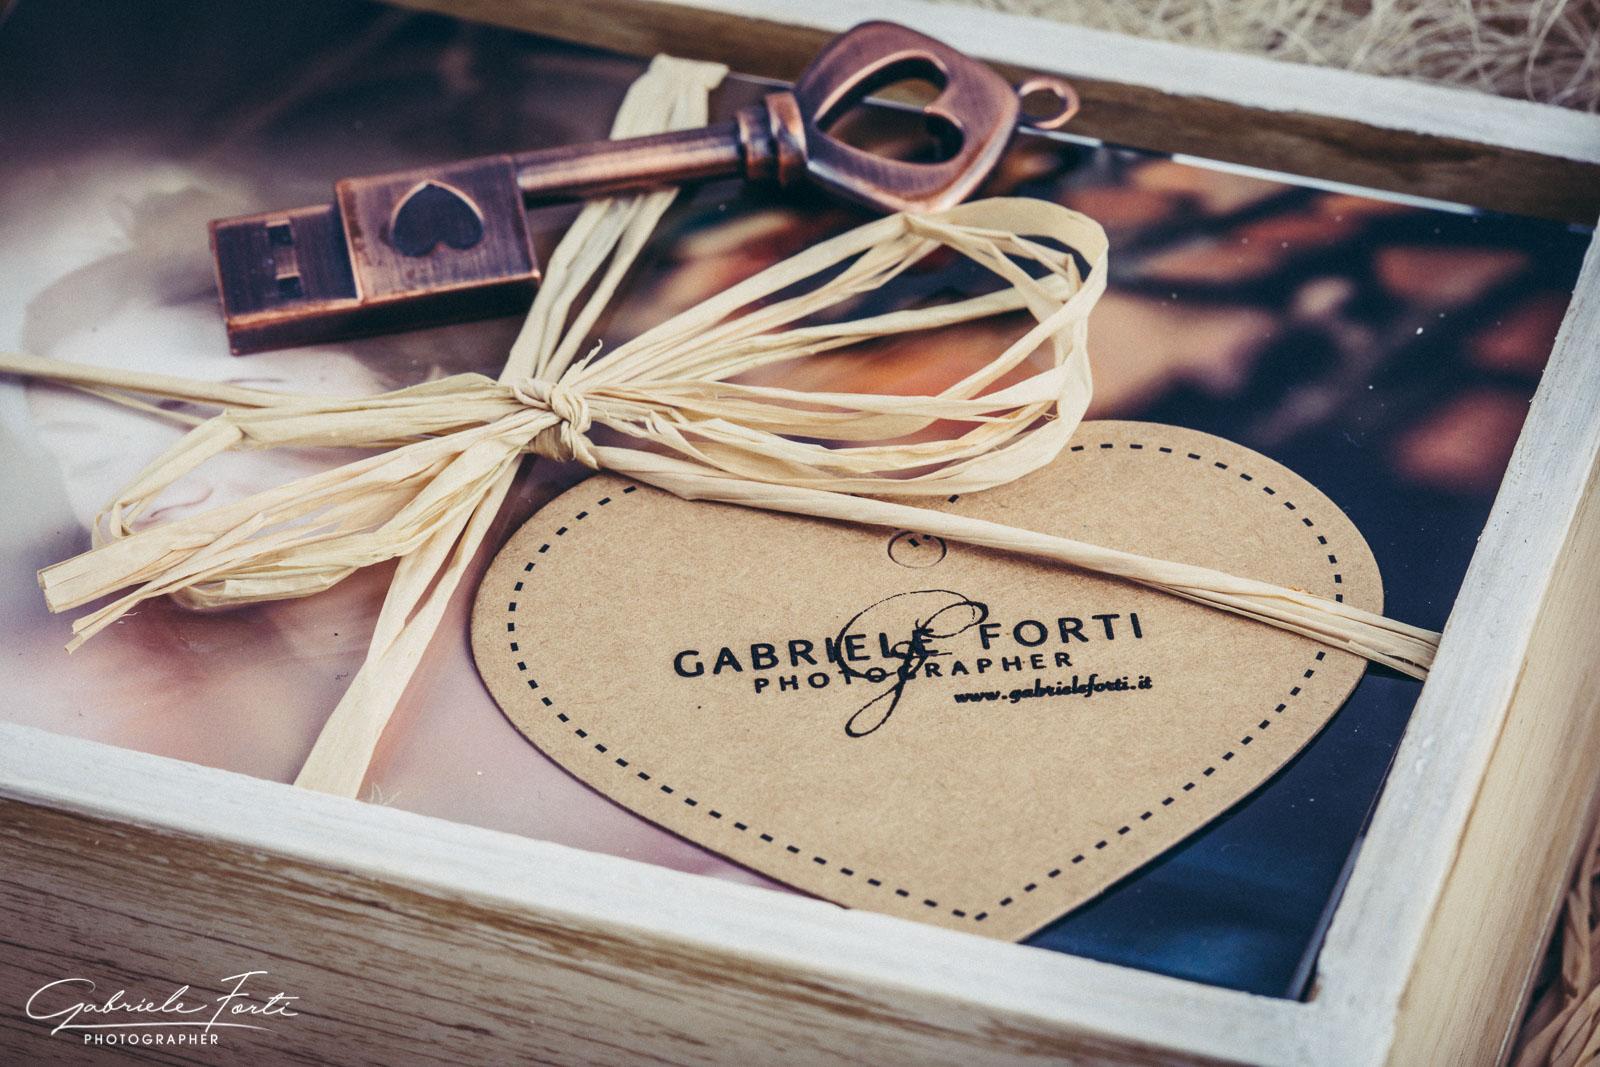 cofanetto_wedding_legno_forti_gabriele-2